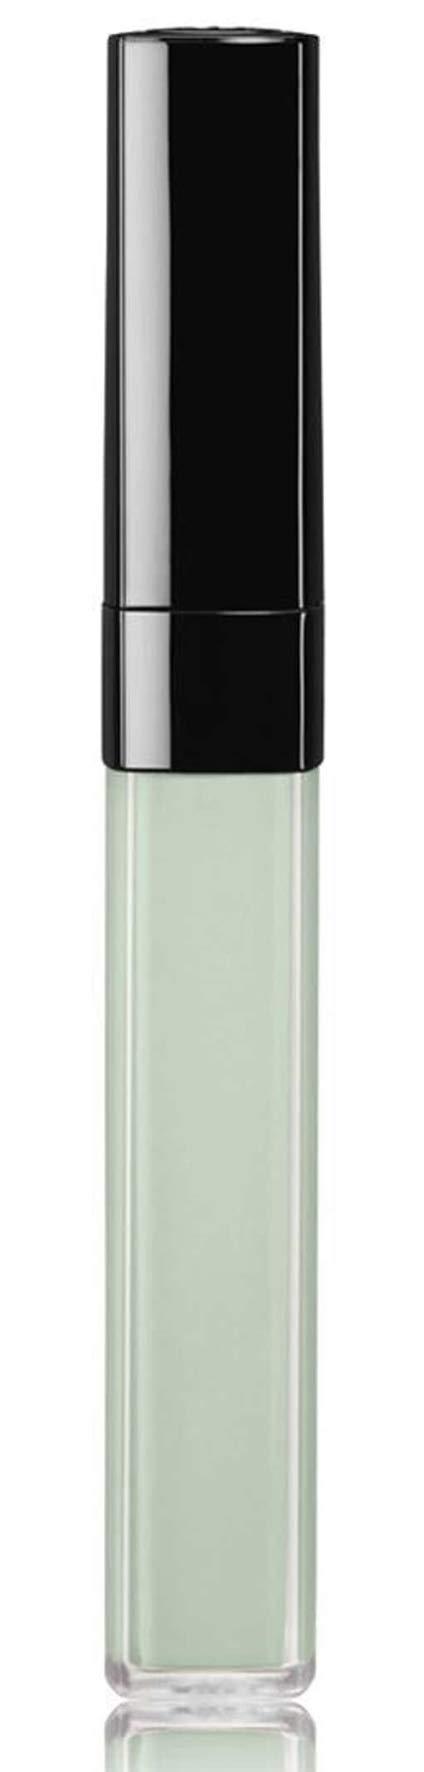 LE CORRECTEUR DE CHANEL CORRECTIVE CONCEALER Color: Correcteur Vert by C.H.A.N.E.L.Brand (Image #1)